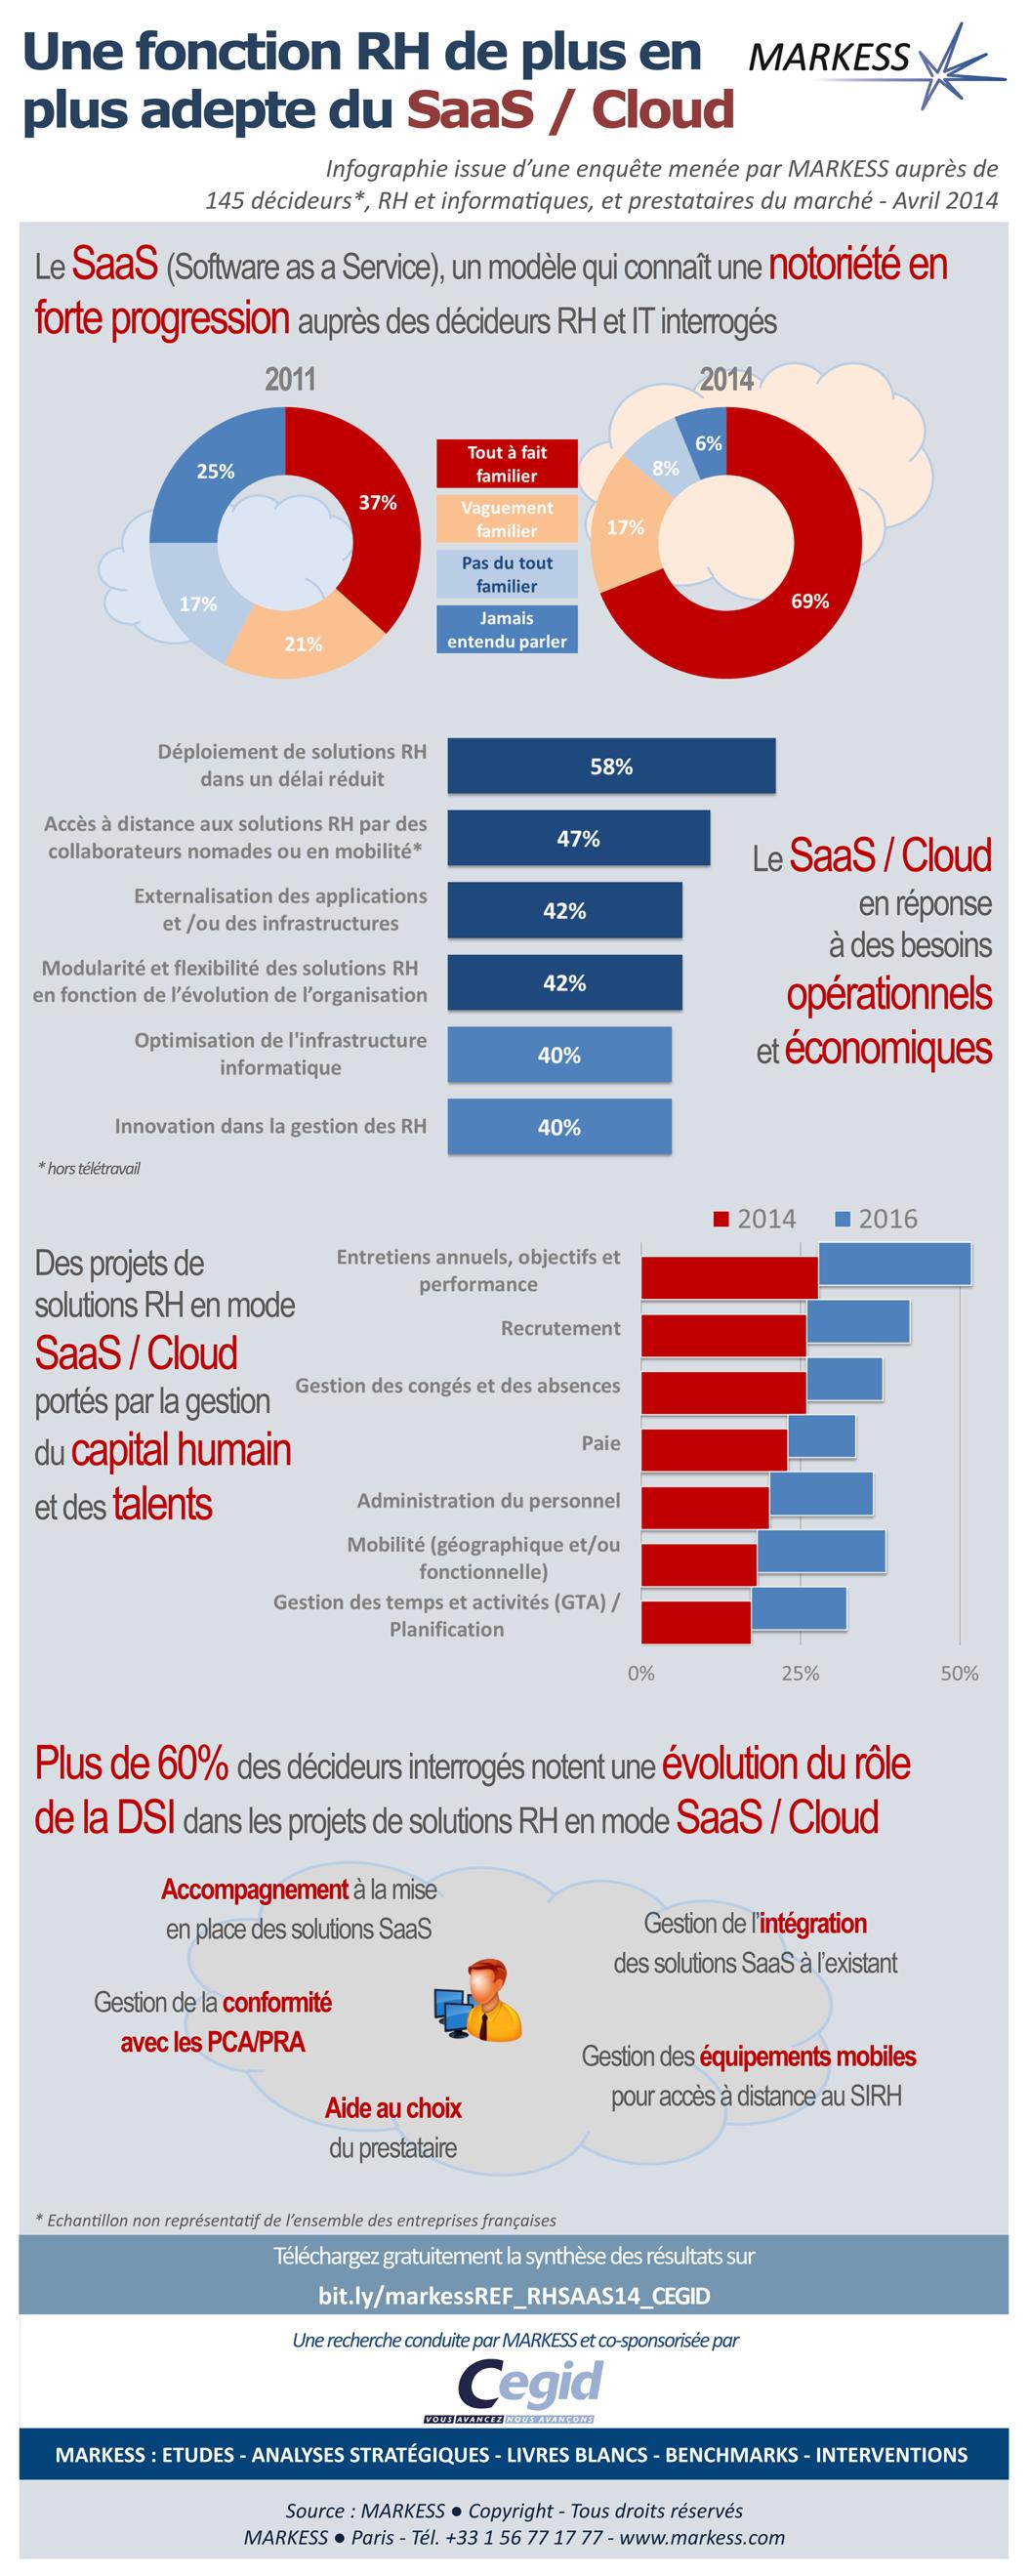 Une fonction RH de plus en plus adepte du SaaS/Cloud